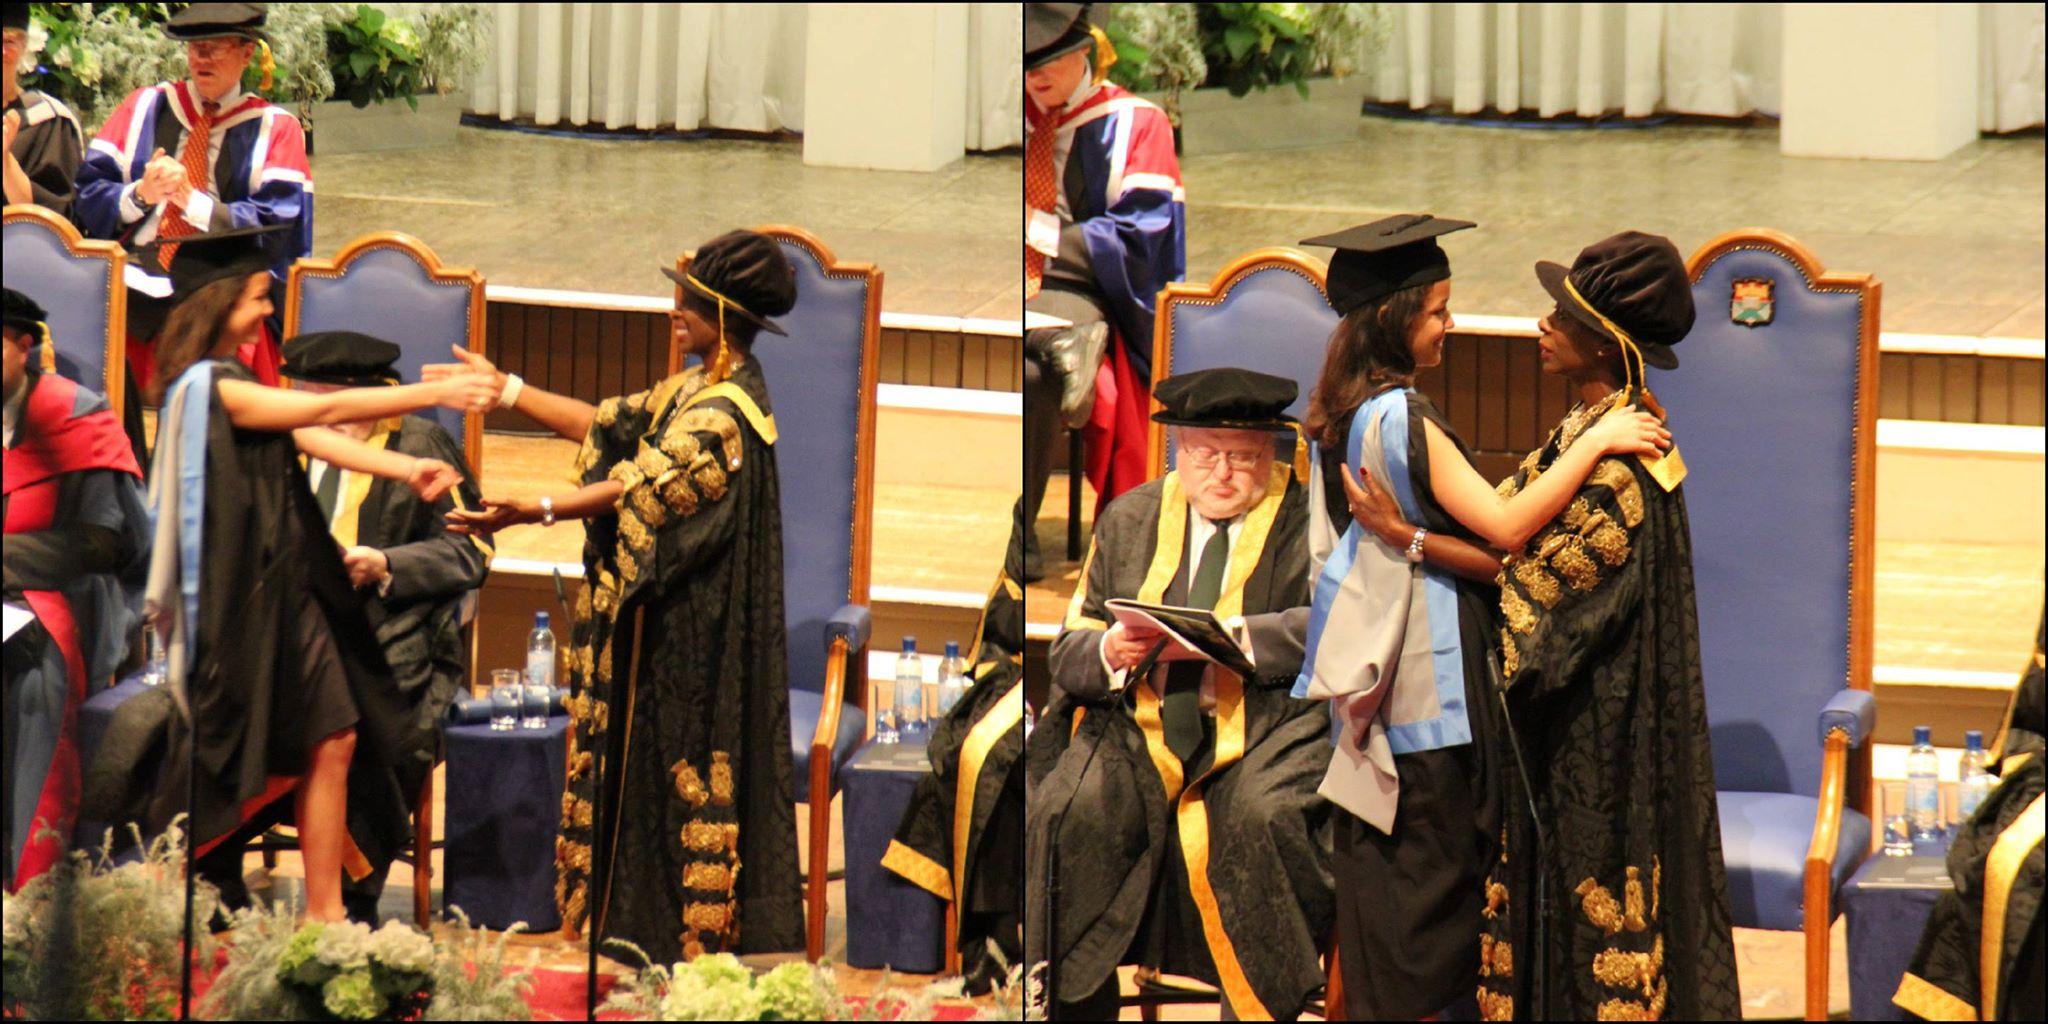 Александра Мочалова – выпускница Эксетерского университета (фото взято с личной Facebook-странцы Александры)